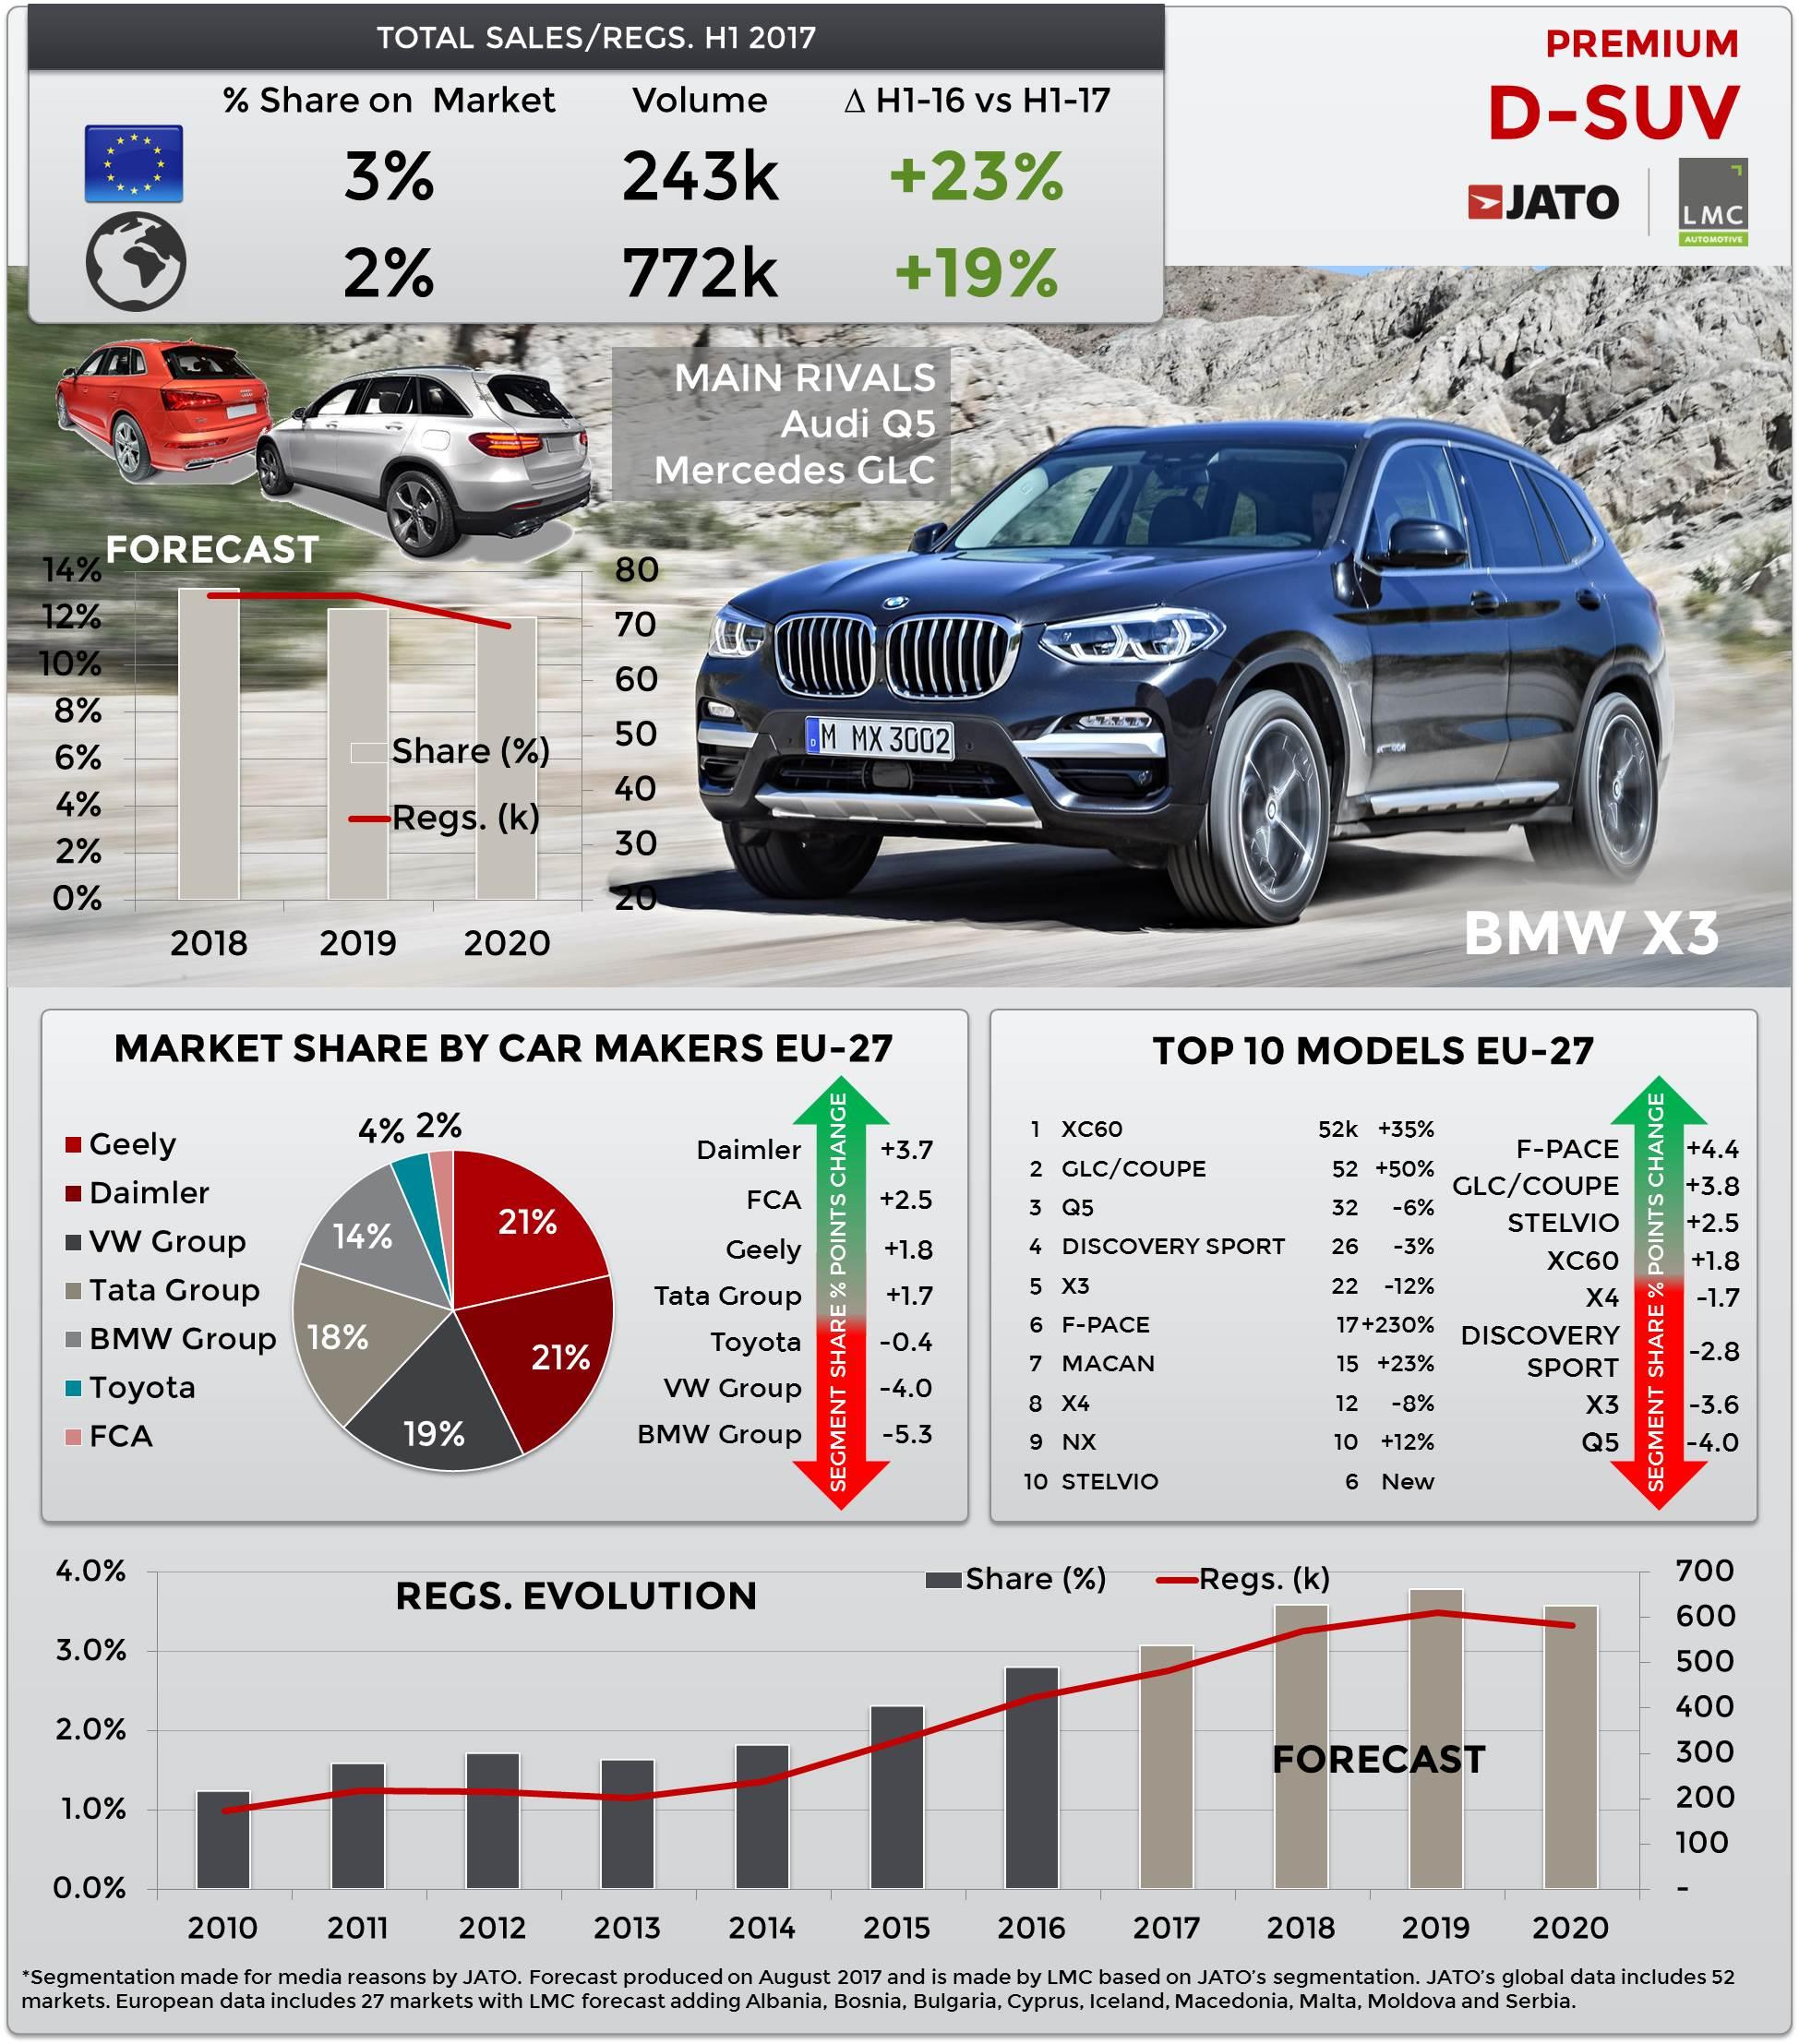 X1 Vs X3 >> BMW brings the all-new X3 to regain its position in premium D-SUV segment - JATO